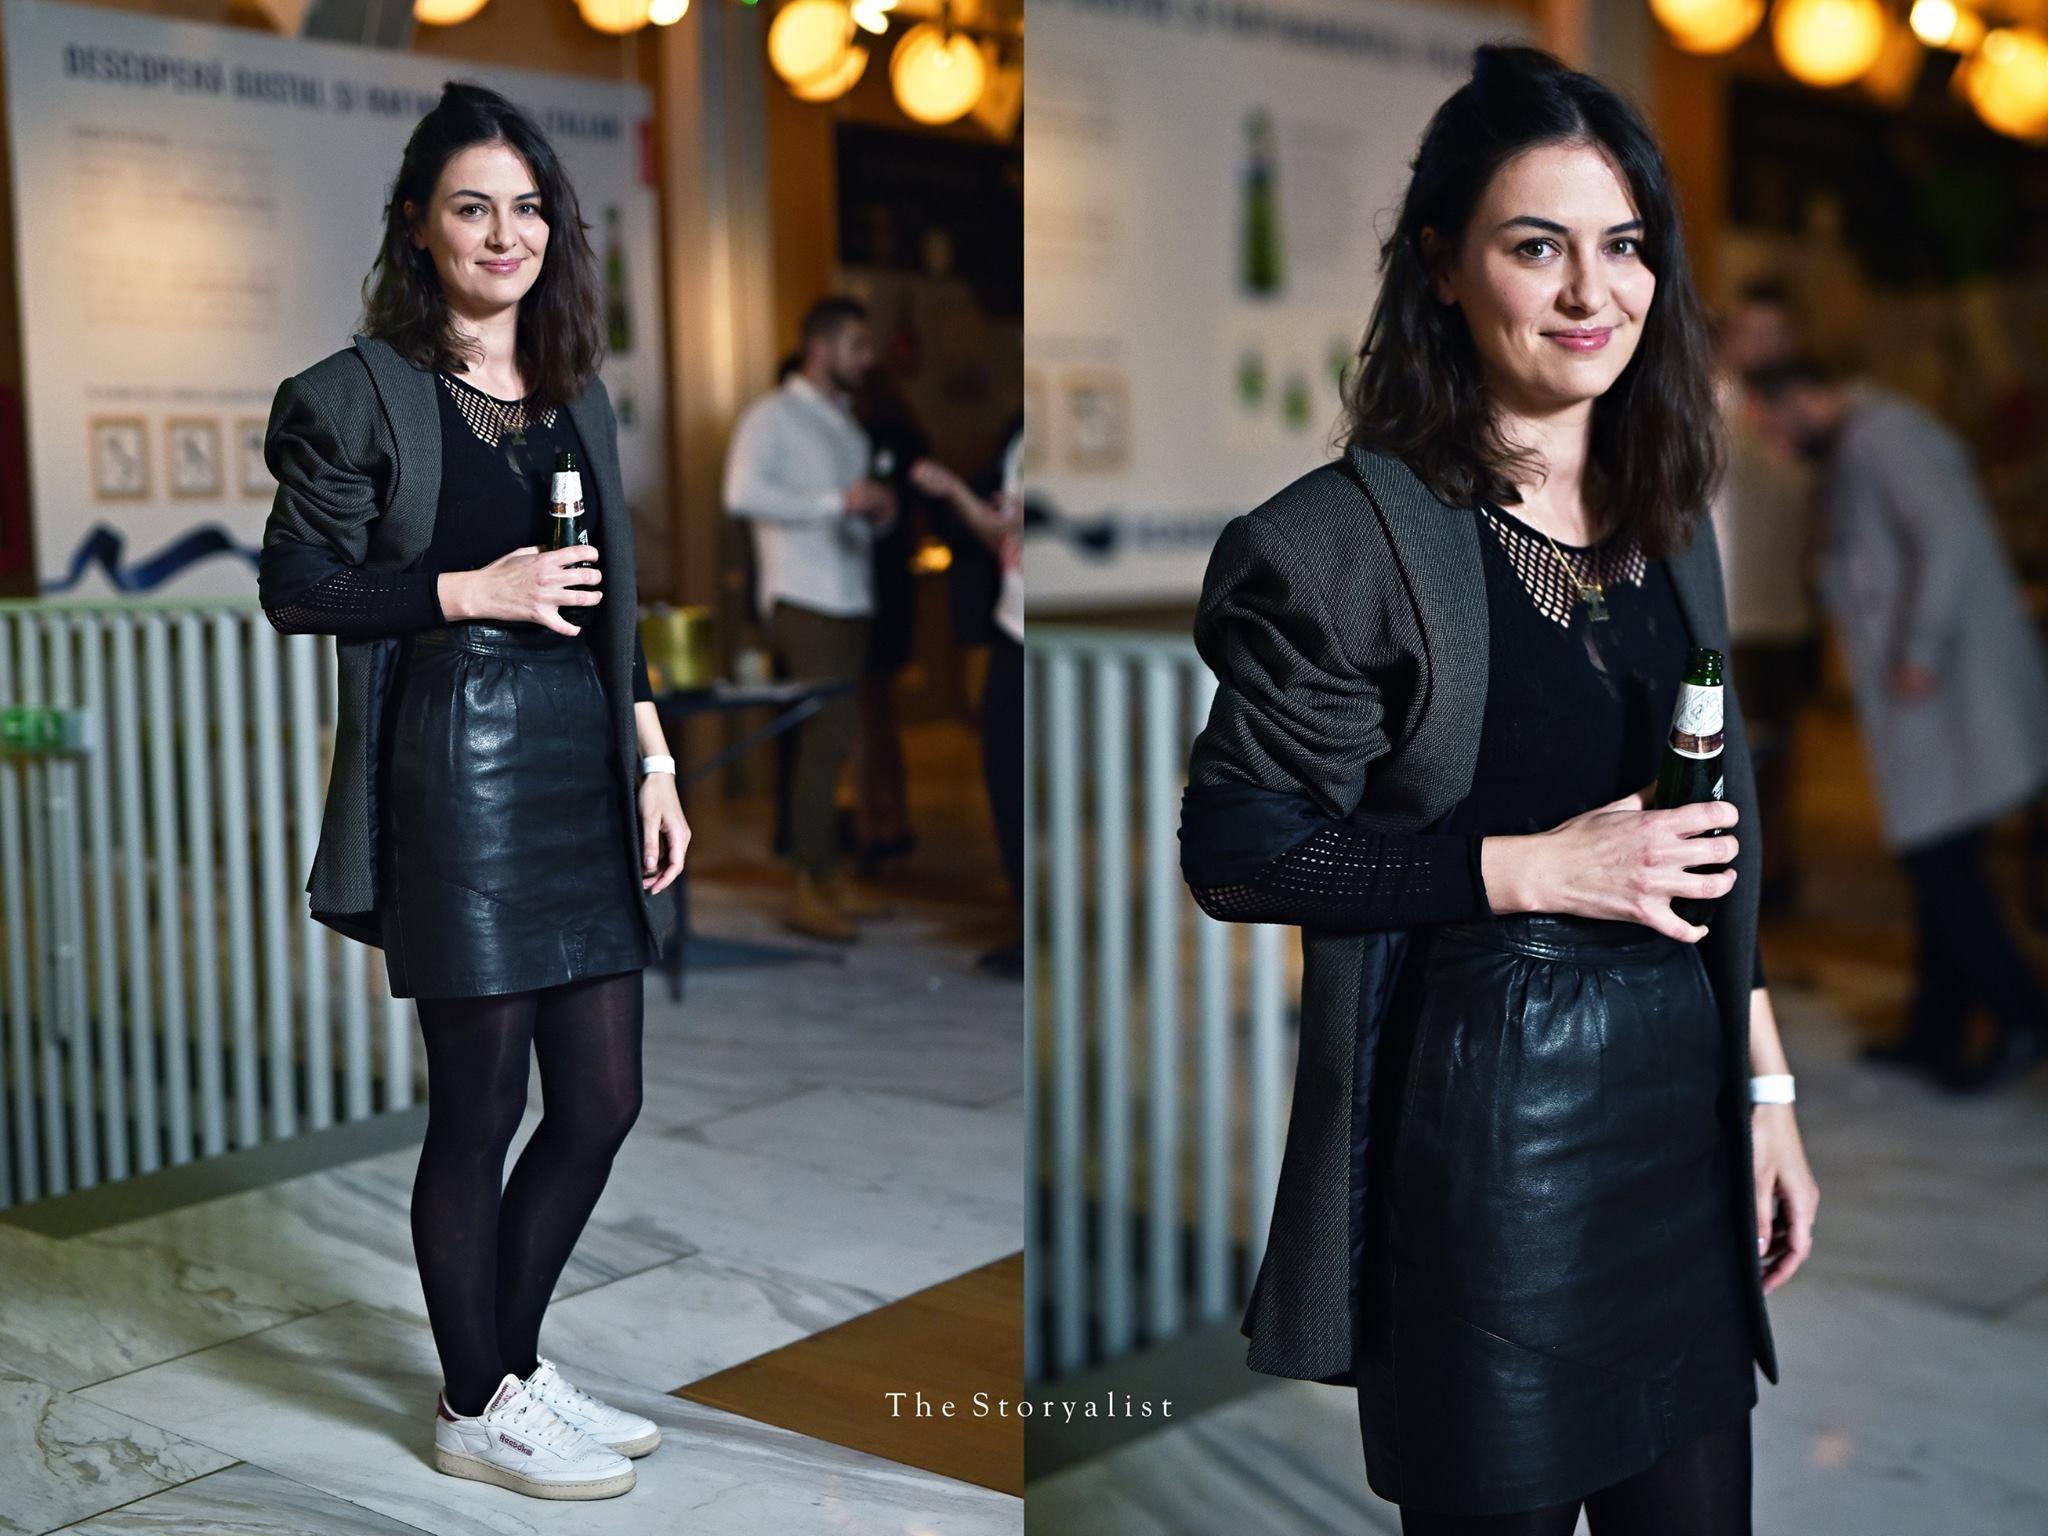 Marina Moldovan Peroni